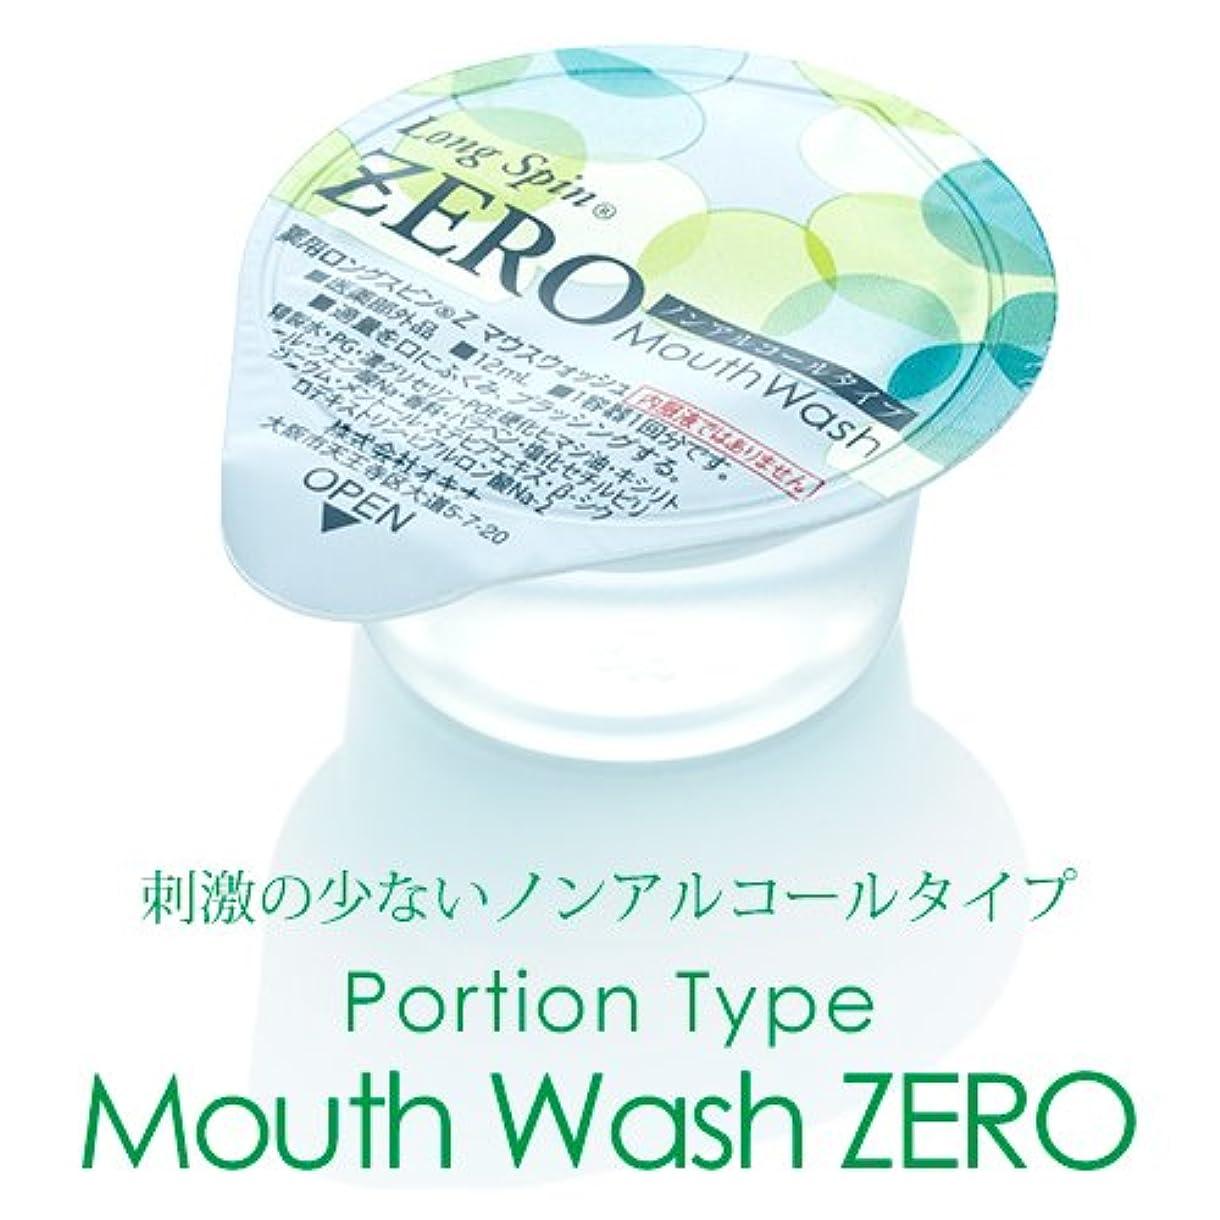 アベニュー汚染された過剰薬用マウスウォッシュ Long Spin(ロングスピン) ZERO 1箱(100個) 【医薬部外品】